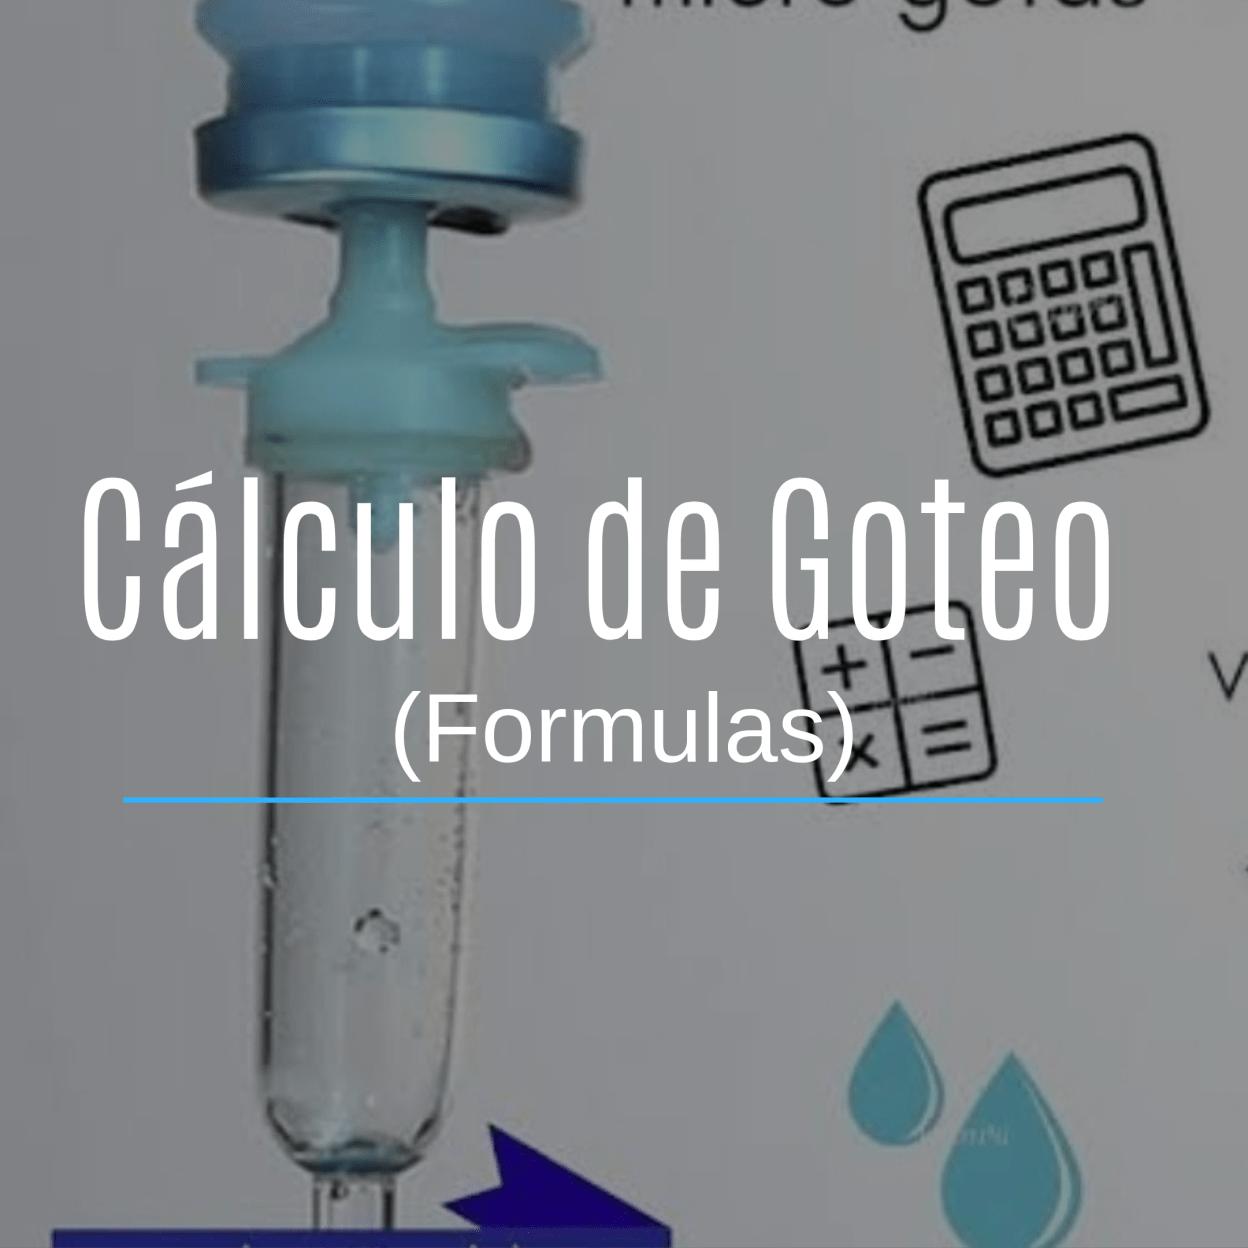 Calculo de goteo  se refiere al calculo matemático para la correcta preparación , instalación, administración y control de las soluciones endovenosas